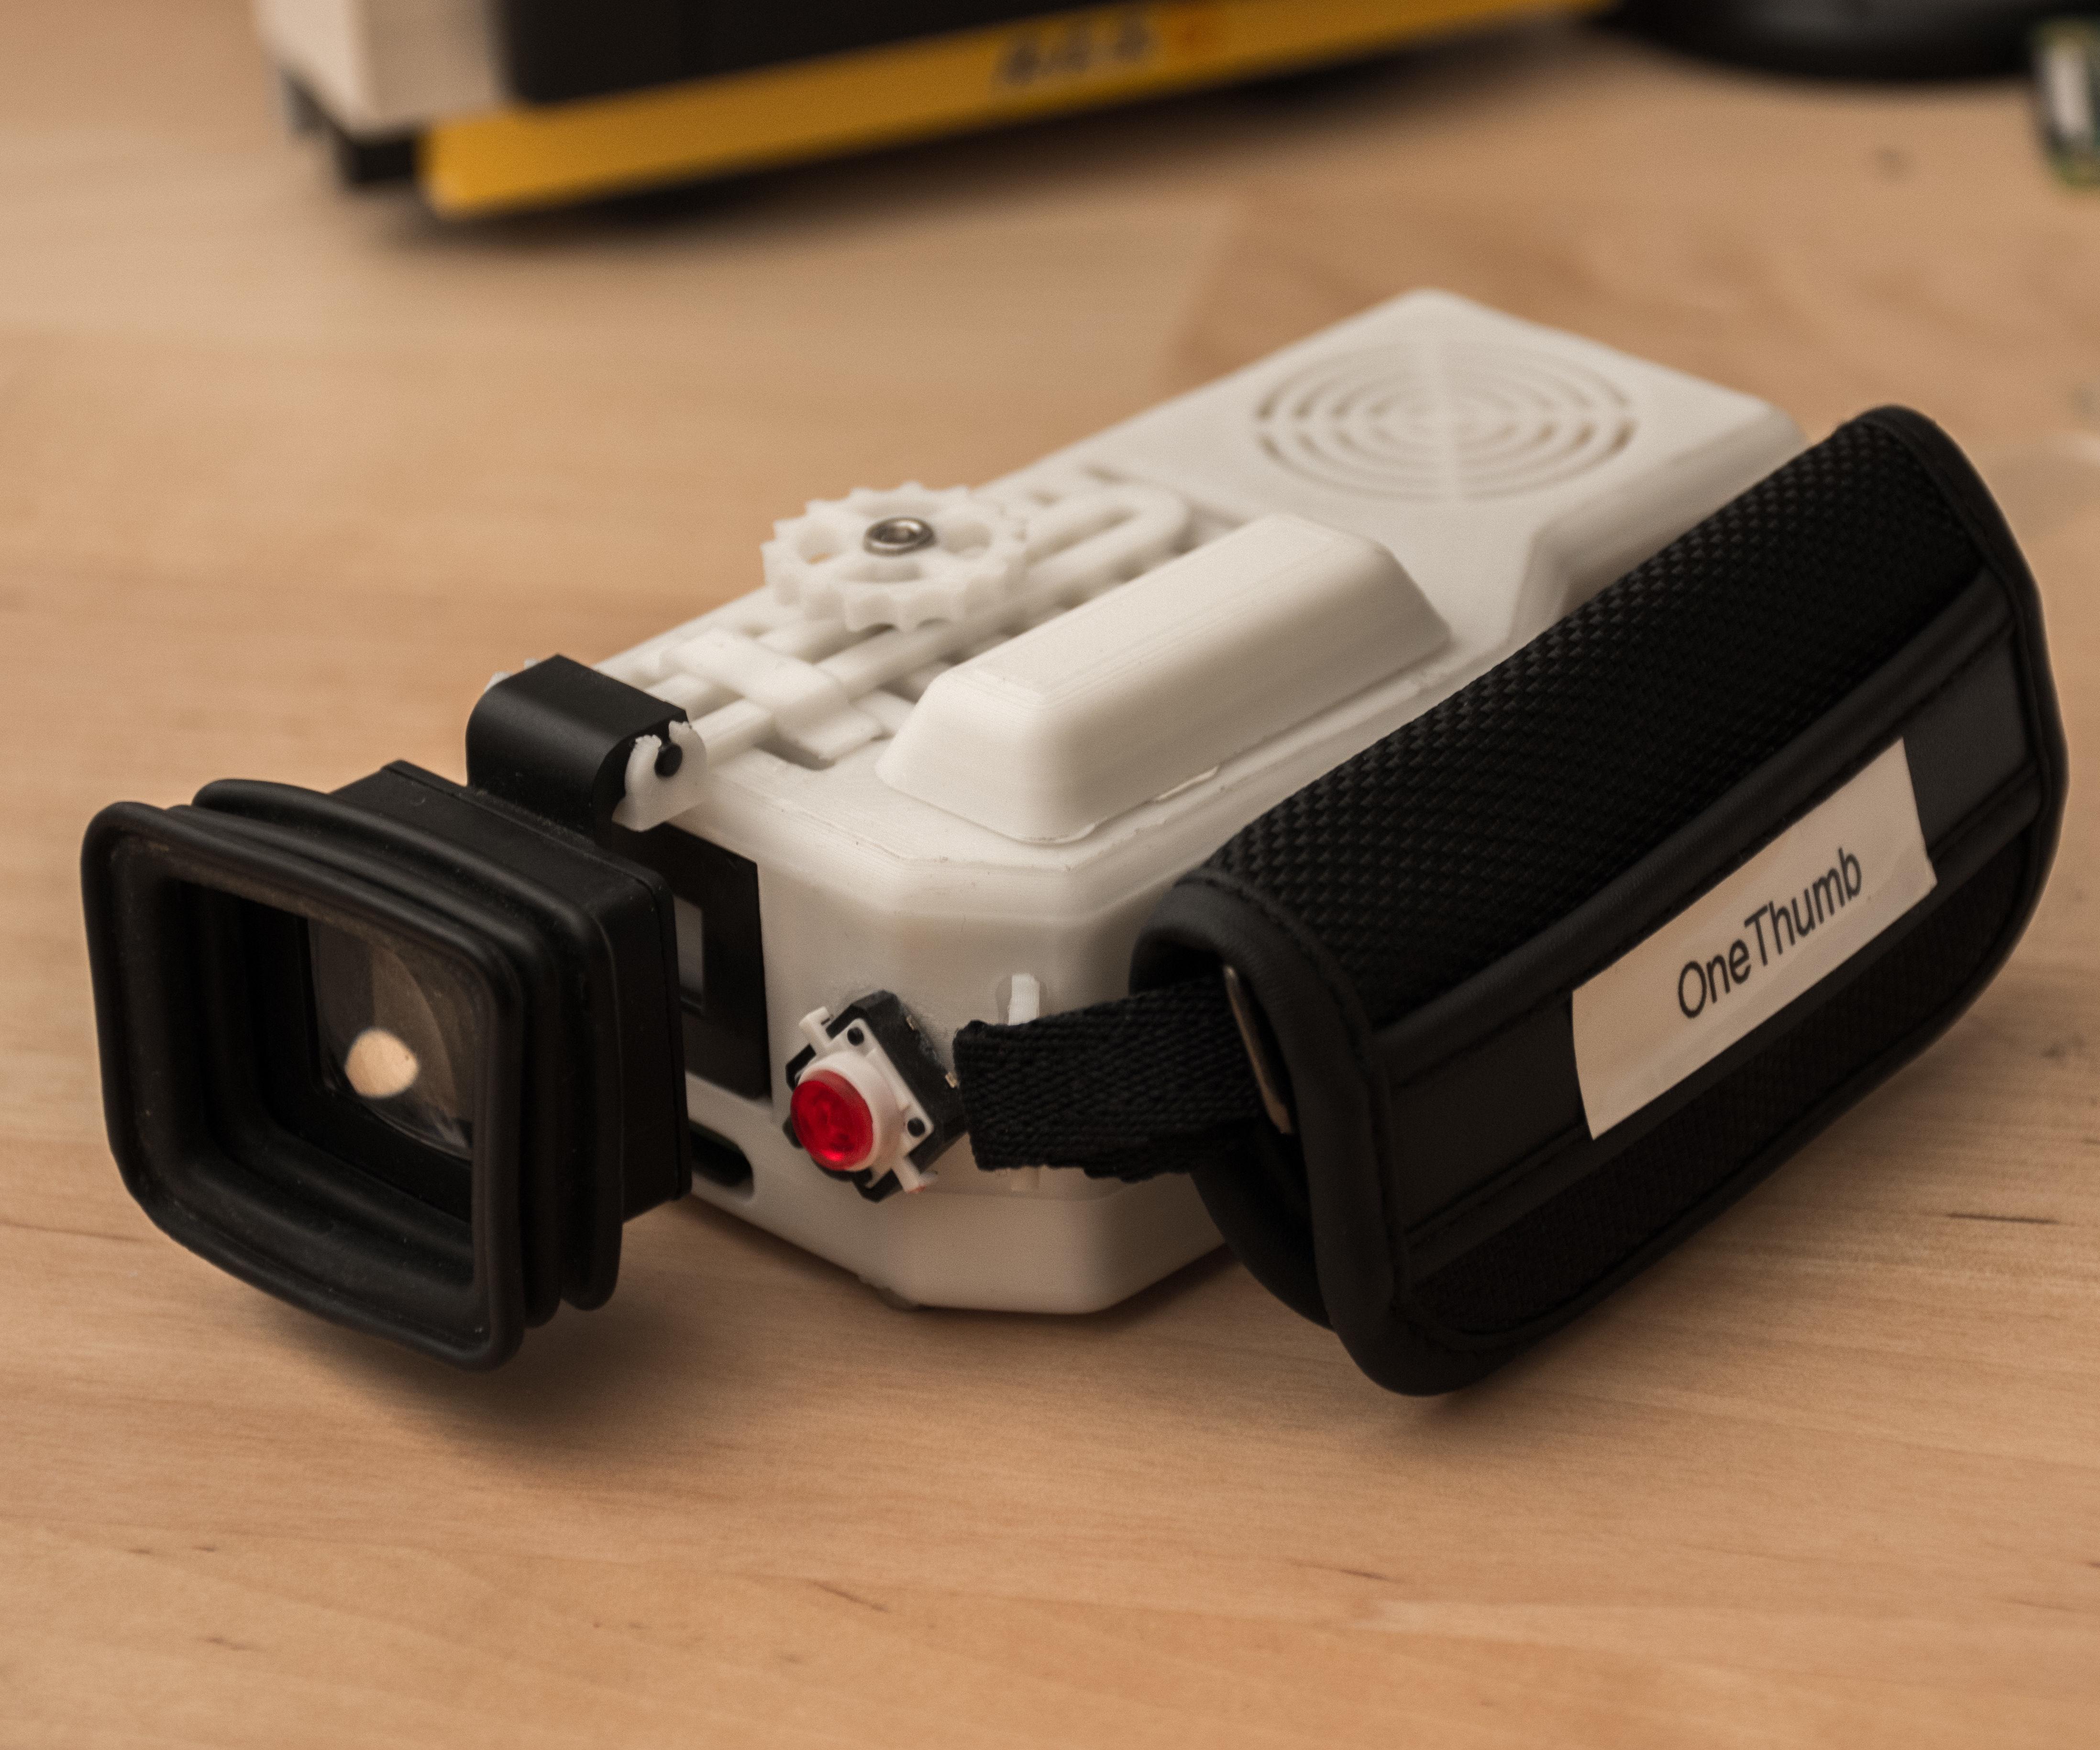 OTES - a Portable Retro CTR Game Console